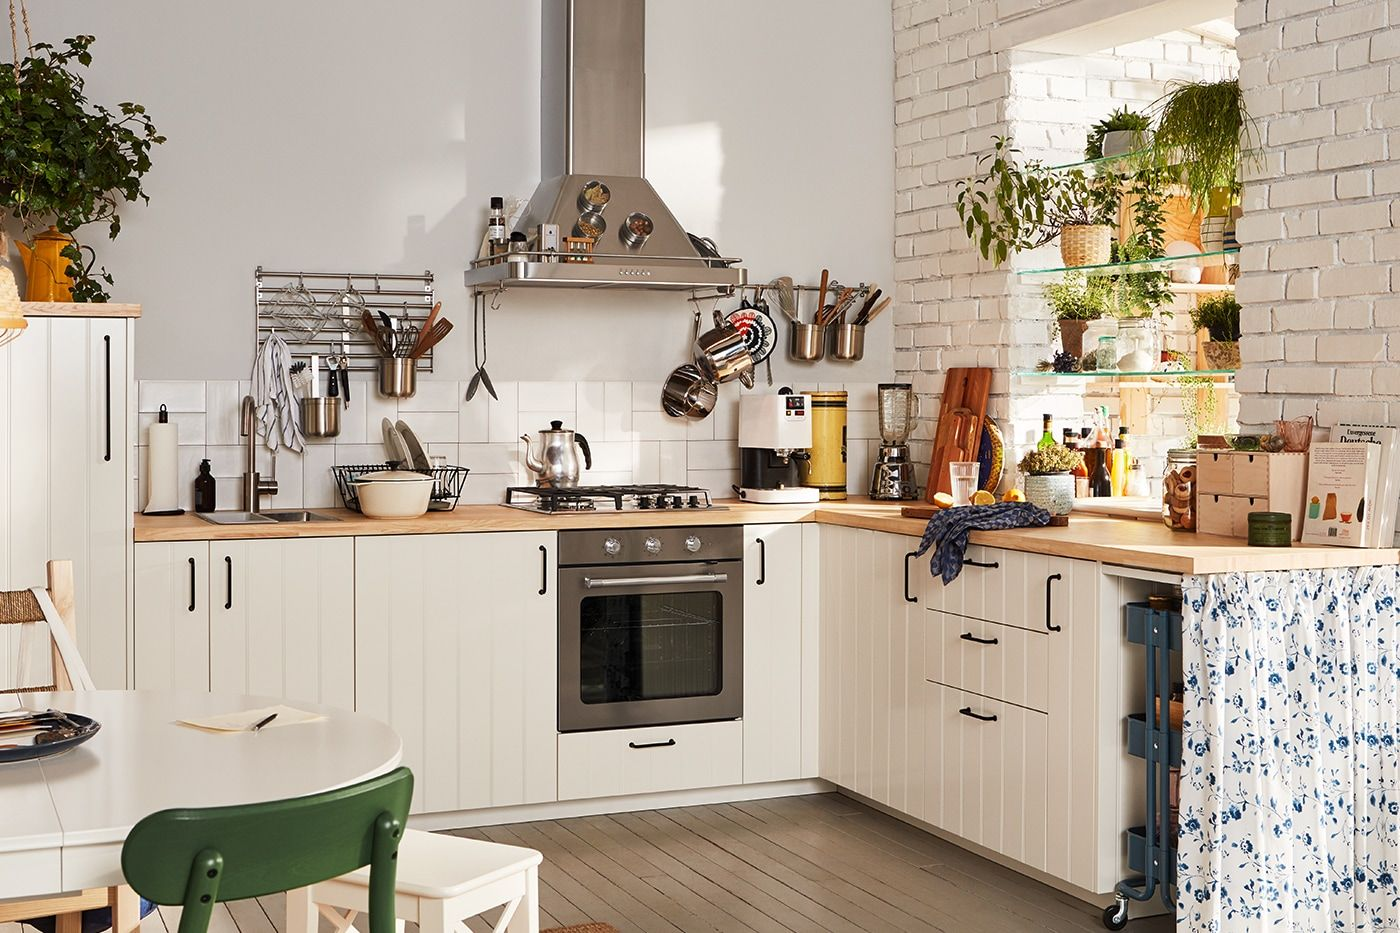 Full Size of Rückwand Küche Ikea 30 Luxus Grifflose Kche Foto Komplette Awesome Ideas Wandpaneel Glas Glasbilder Aufbewahrungssystem Bodenbelag Landhaus Doppelblock Regal Wohnzimmer Rückwand Küche Ikea